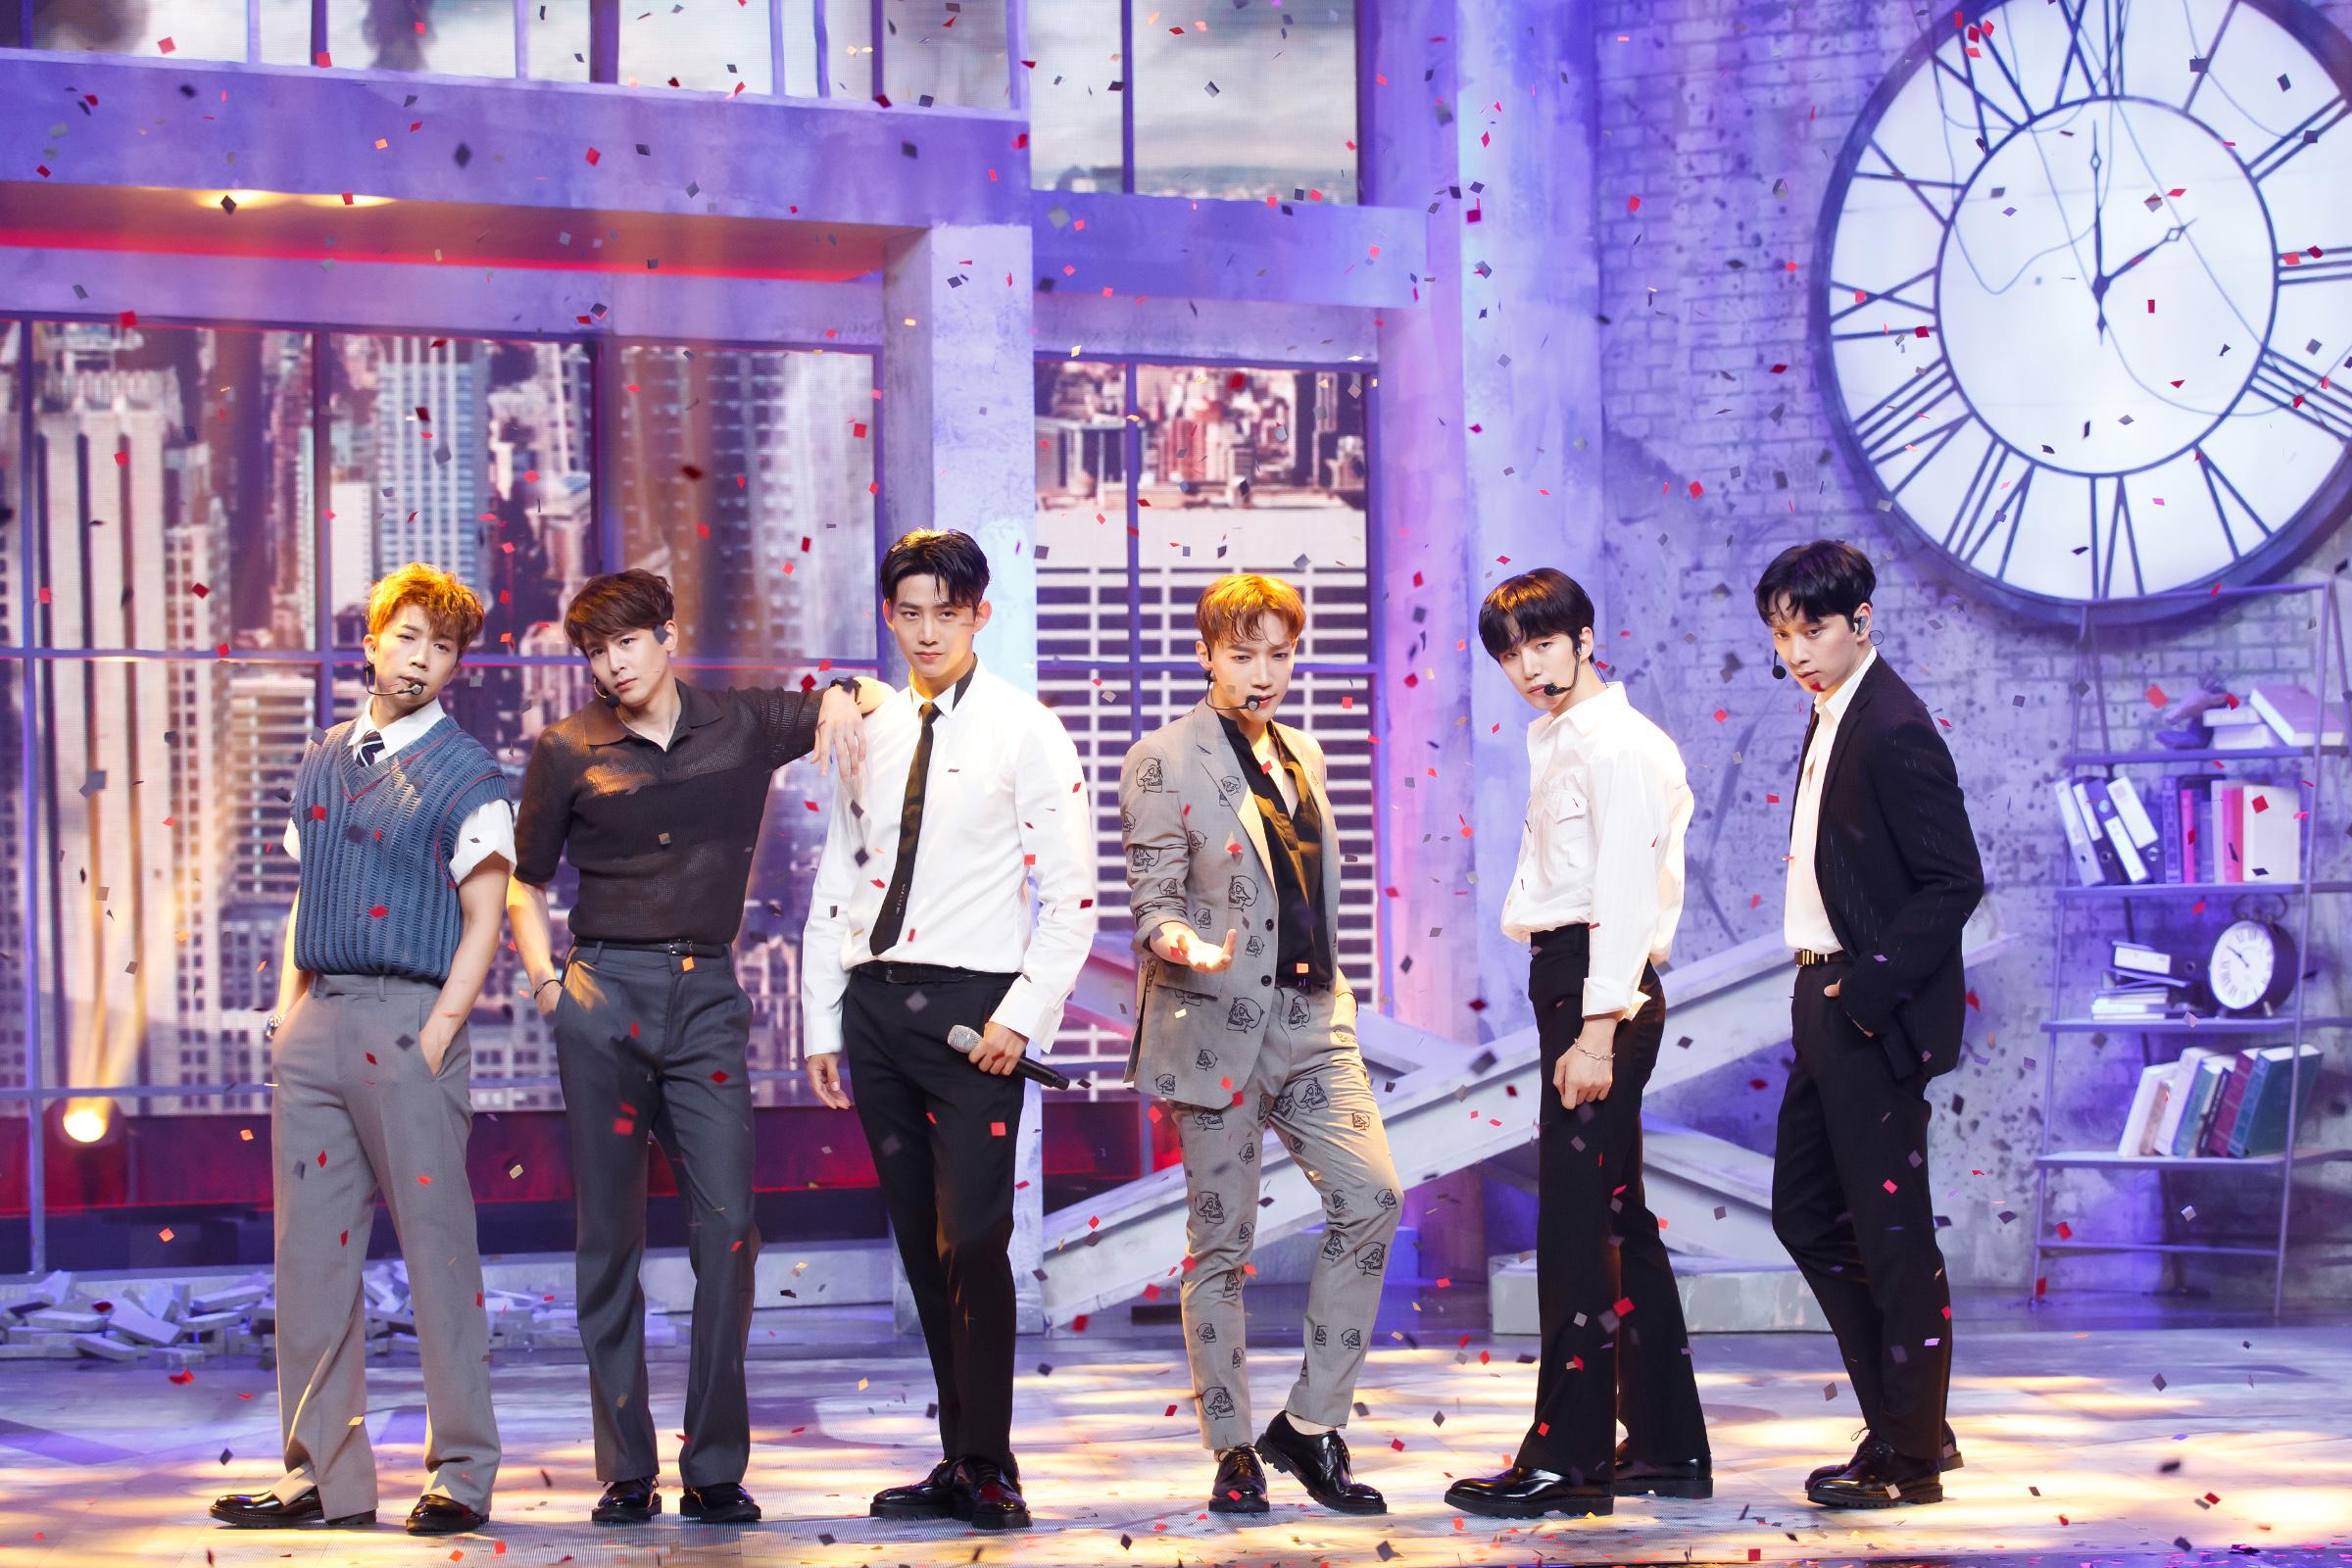 約5年ぶりにカムバックした2PMを大特集!『2PMデビュー13周年記念SP …2PM is BACK…』  彼らの記念すべきデビュー日 9月4日PM2:00~ Take Off! 5時間連続オンエア‼